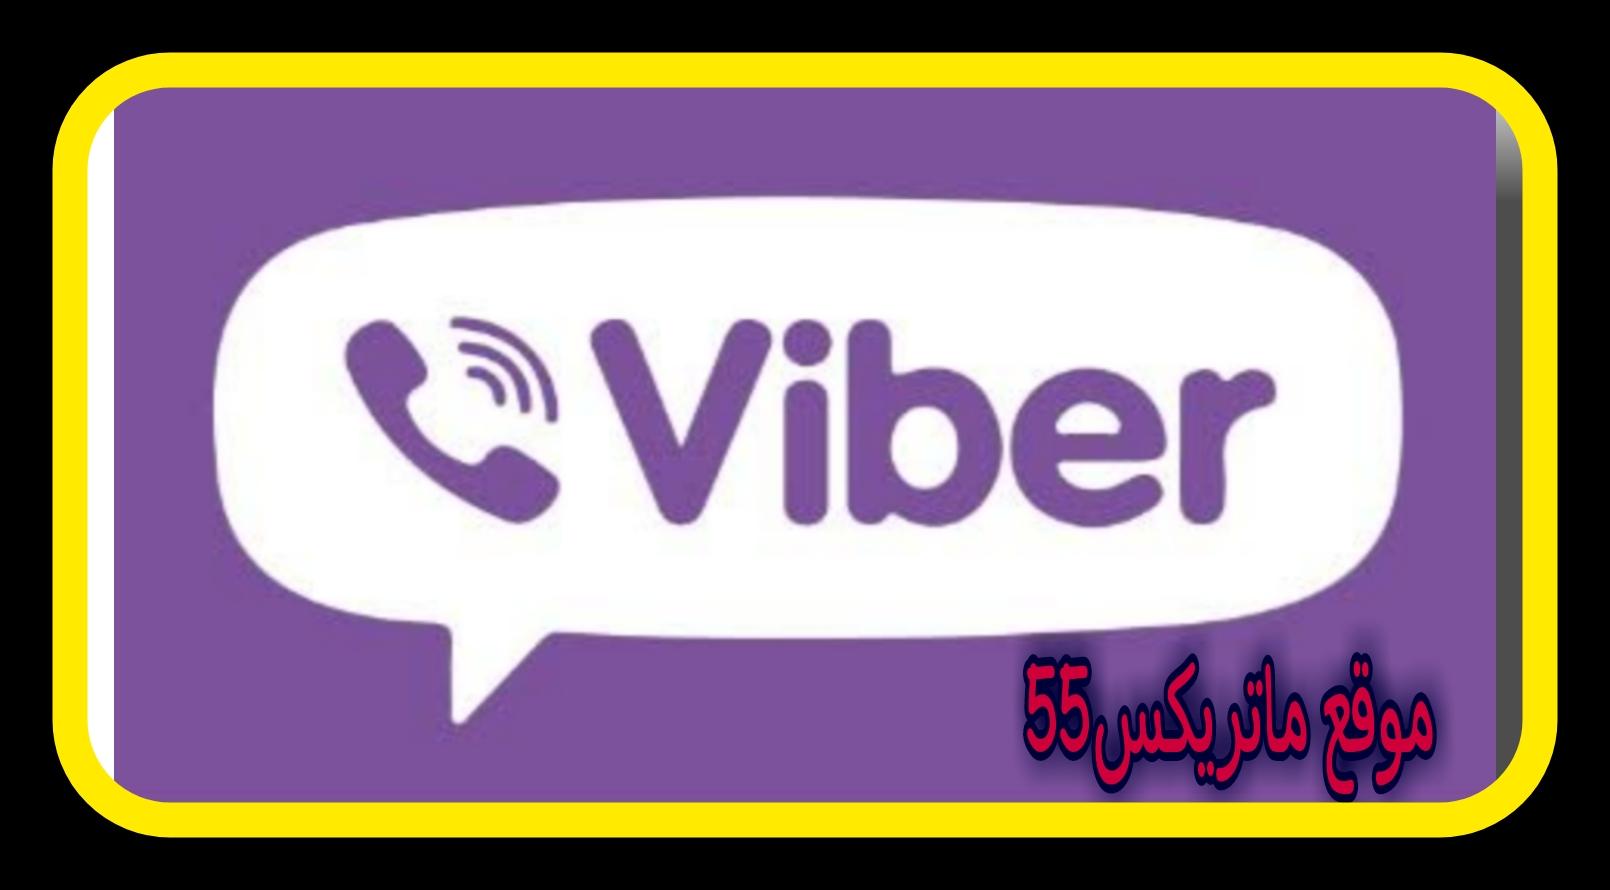 تنزيل تطبيق فايبر ماسنجر مكالمات ودردشة بالفديو مجانا | كيف يمكنني تحميل تطبيق فايبر ماسنجر messenger